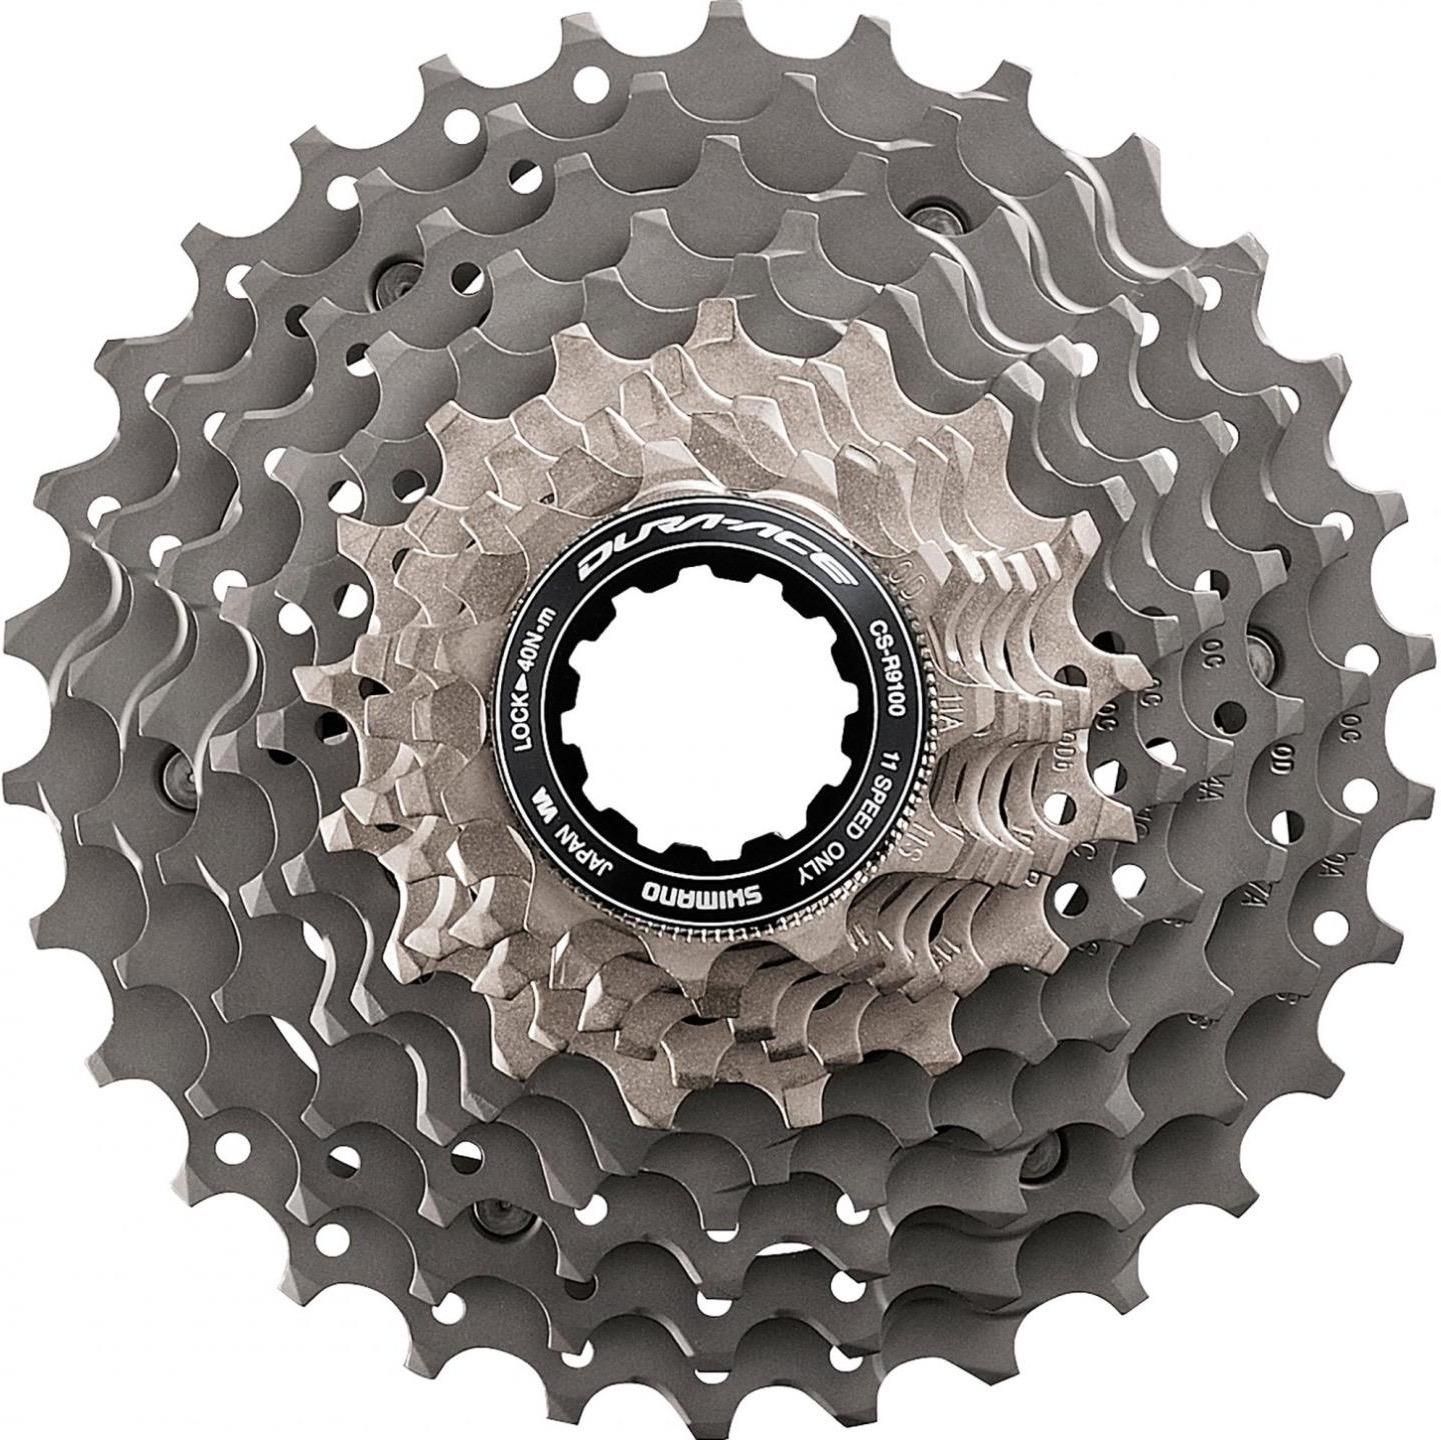 Кассета для велосипеда Shimano Dura-Ace, R9100, 11 скоростей, 12-28, ICSR910011228 запчасть shimano dura ace r9100 icsr910011225